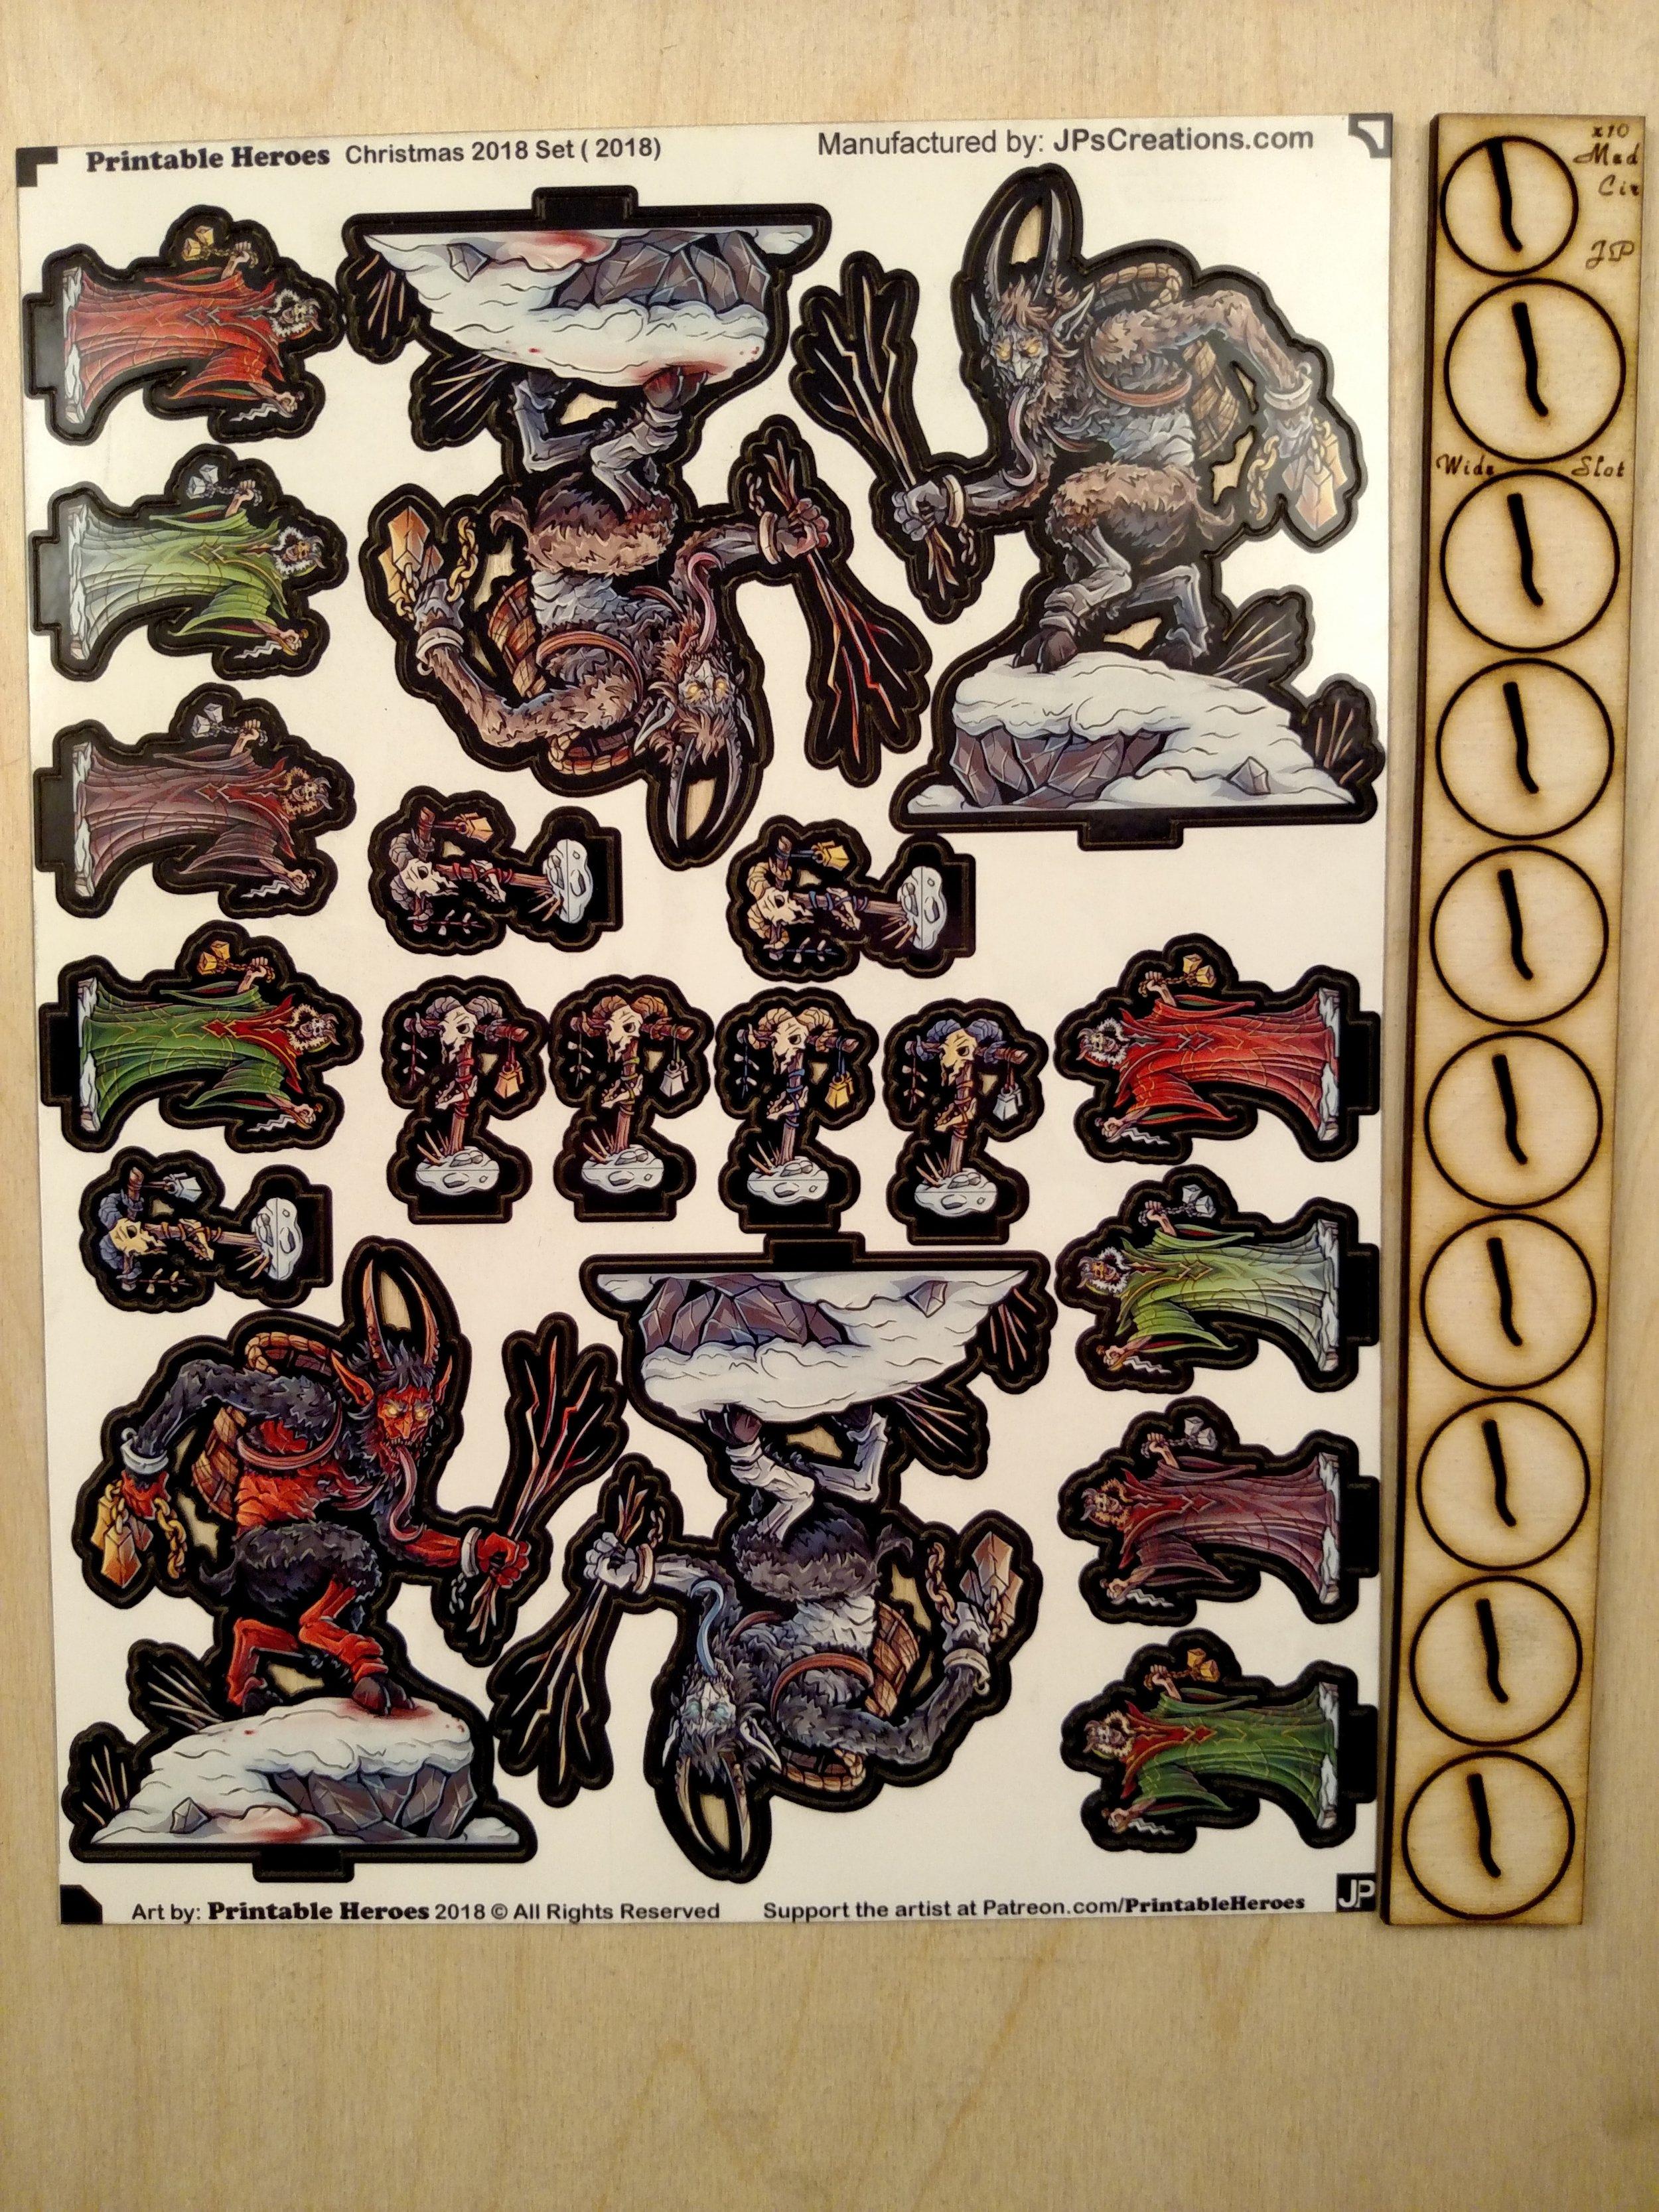 image regarding Printable Heroes Patreon named Krampus Mounted by means of Printable Heroes JPs Creations